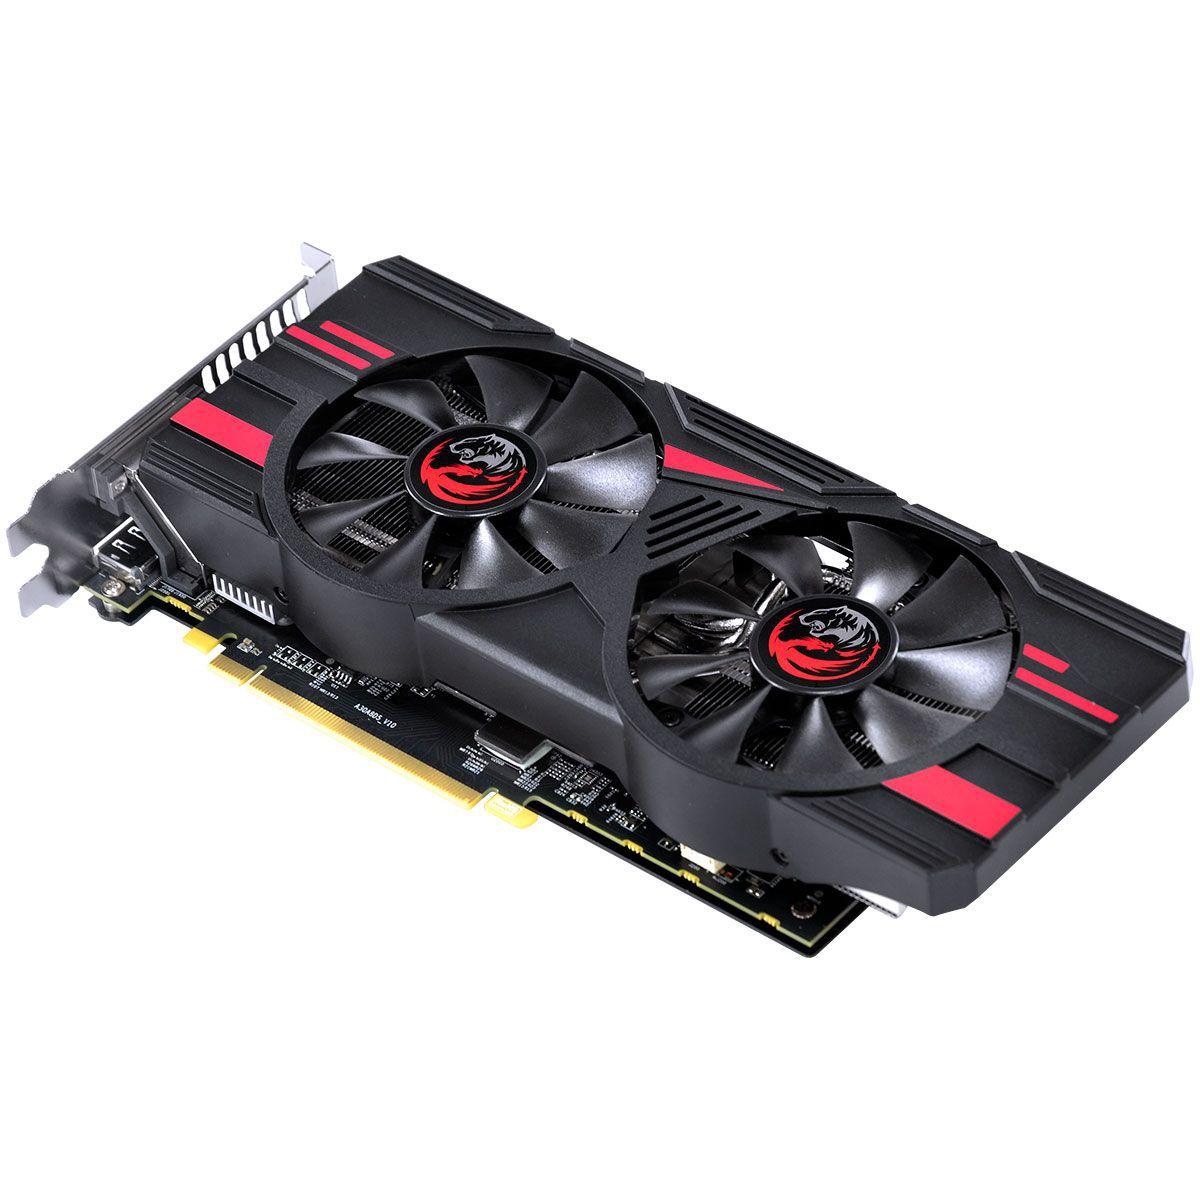 PLACA DE VIDEO AMD RX580 8GB PCYES RADEON 8GB DDR5 256 BITS DUAL-FAN GRAFFITI SERIES - PJ580RX25608G5DF